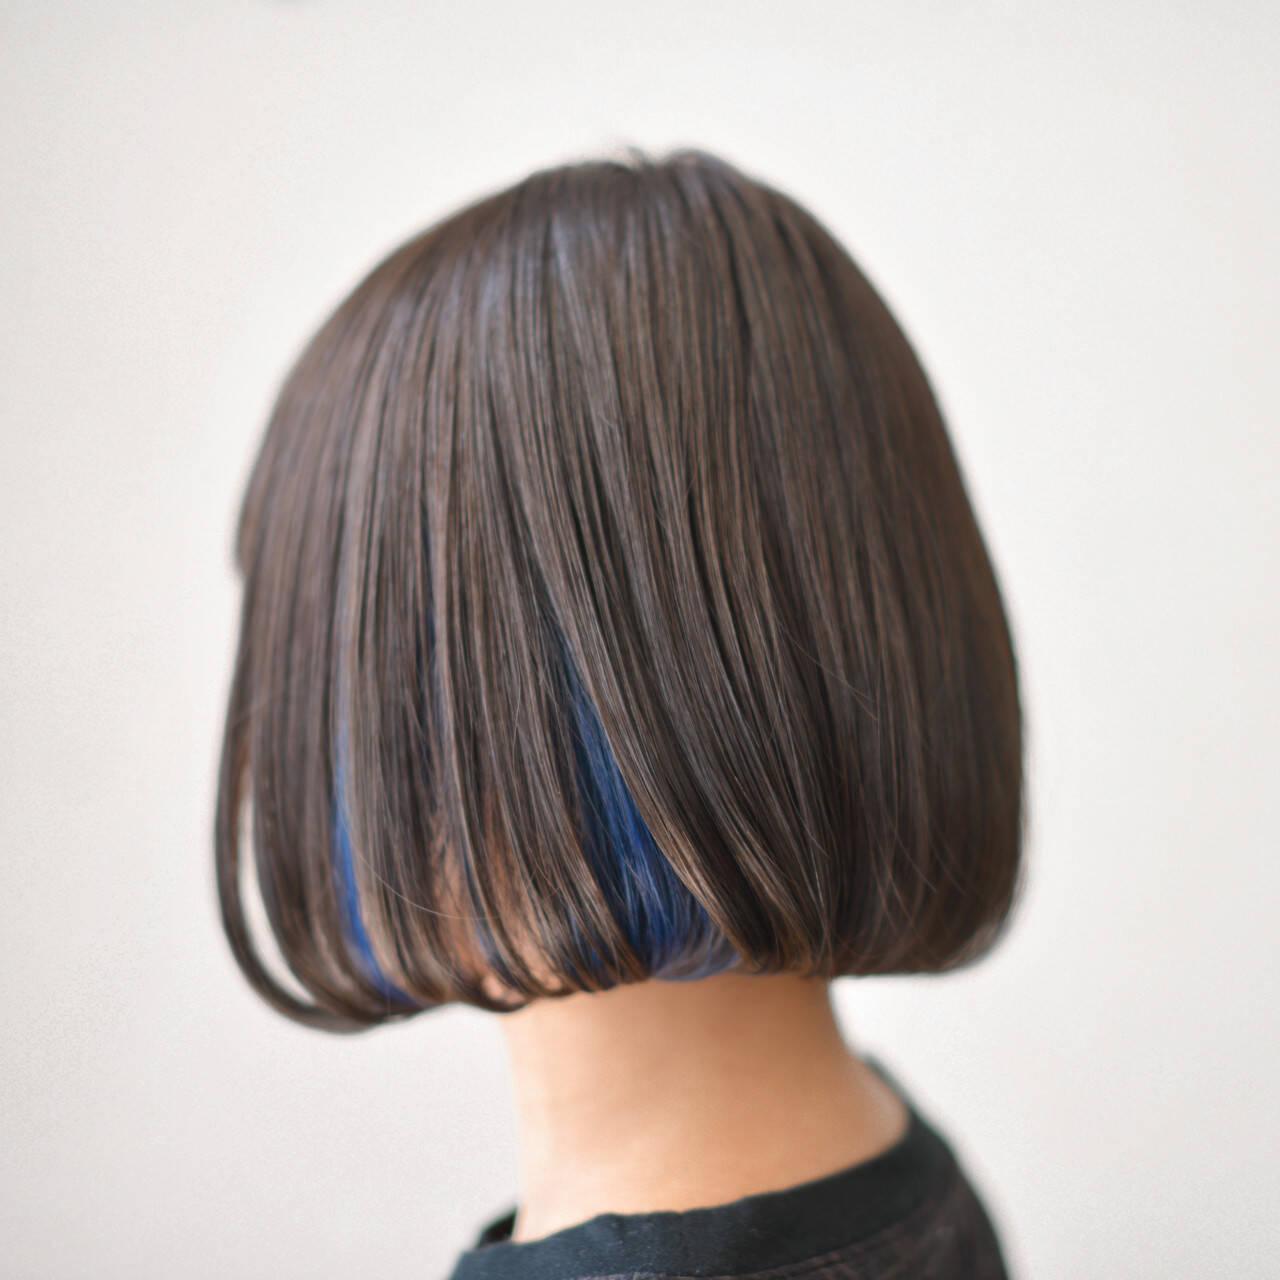 ボブ インナーカラー 外国人風 アッシュヘアスタイルや髪型の写真・画像